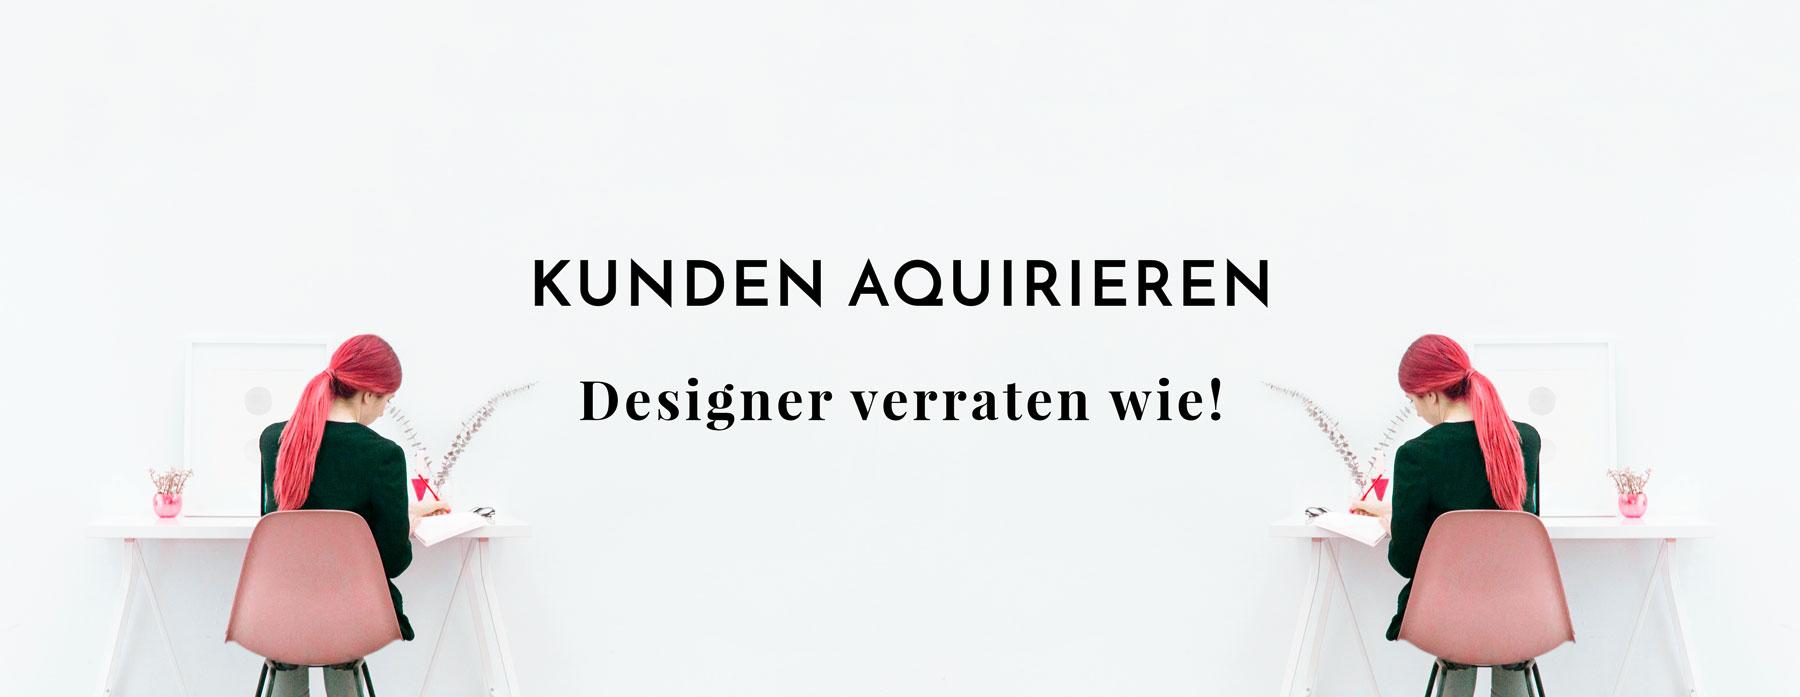 kunden akquirieren erfolgreiche designer verraten wie. Black Bedroom Furniture Sets. Home Design Ideas